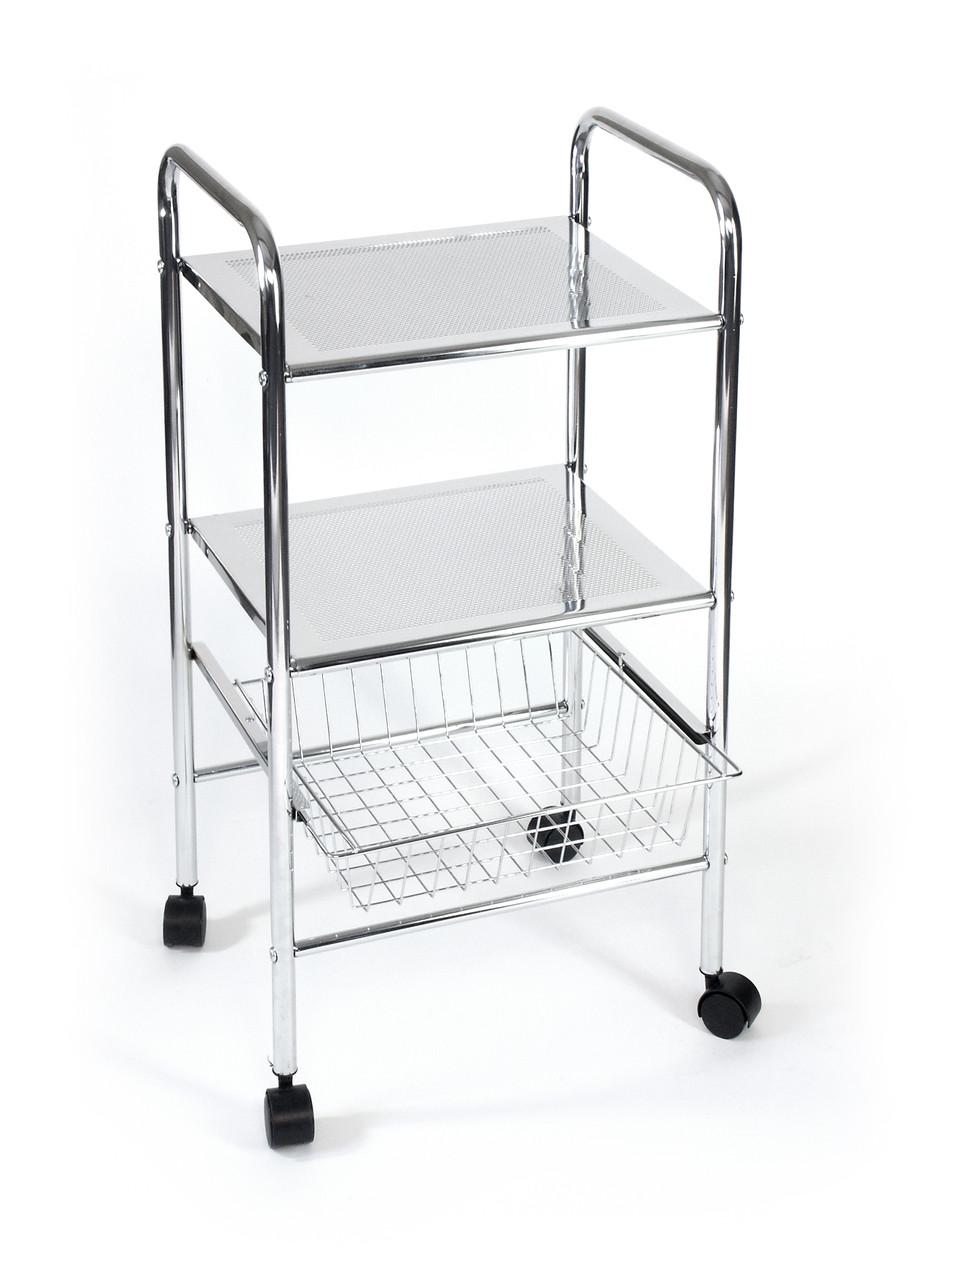 Етажерка для ванної 3 ярусне (2 полиці, 1 кошик) AWD02040022